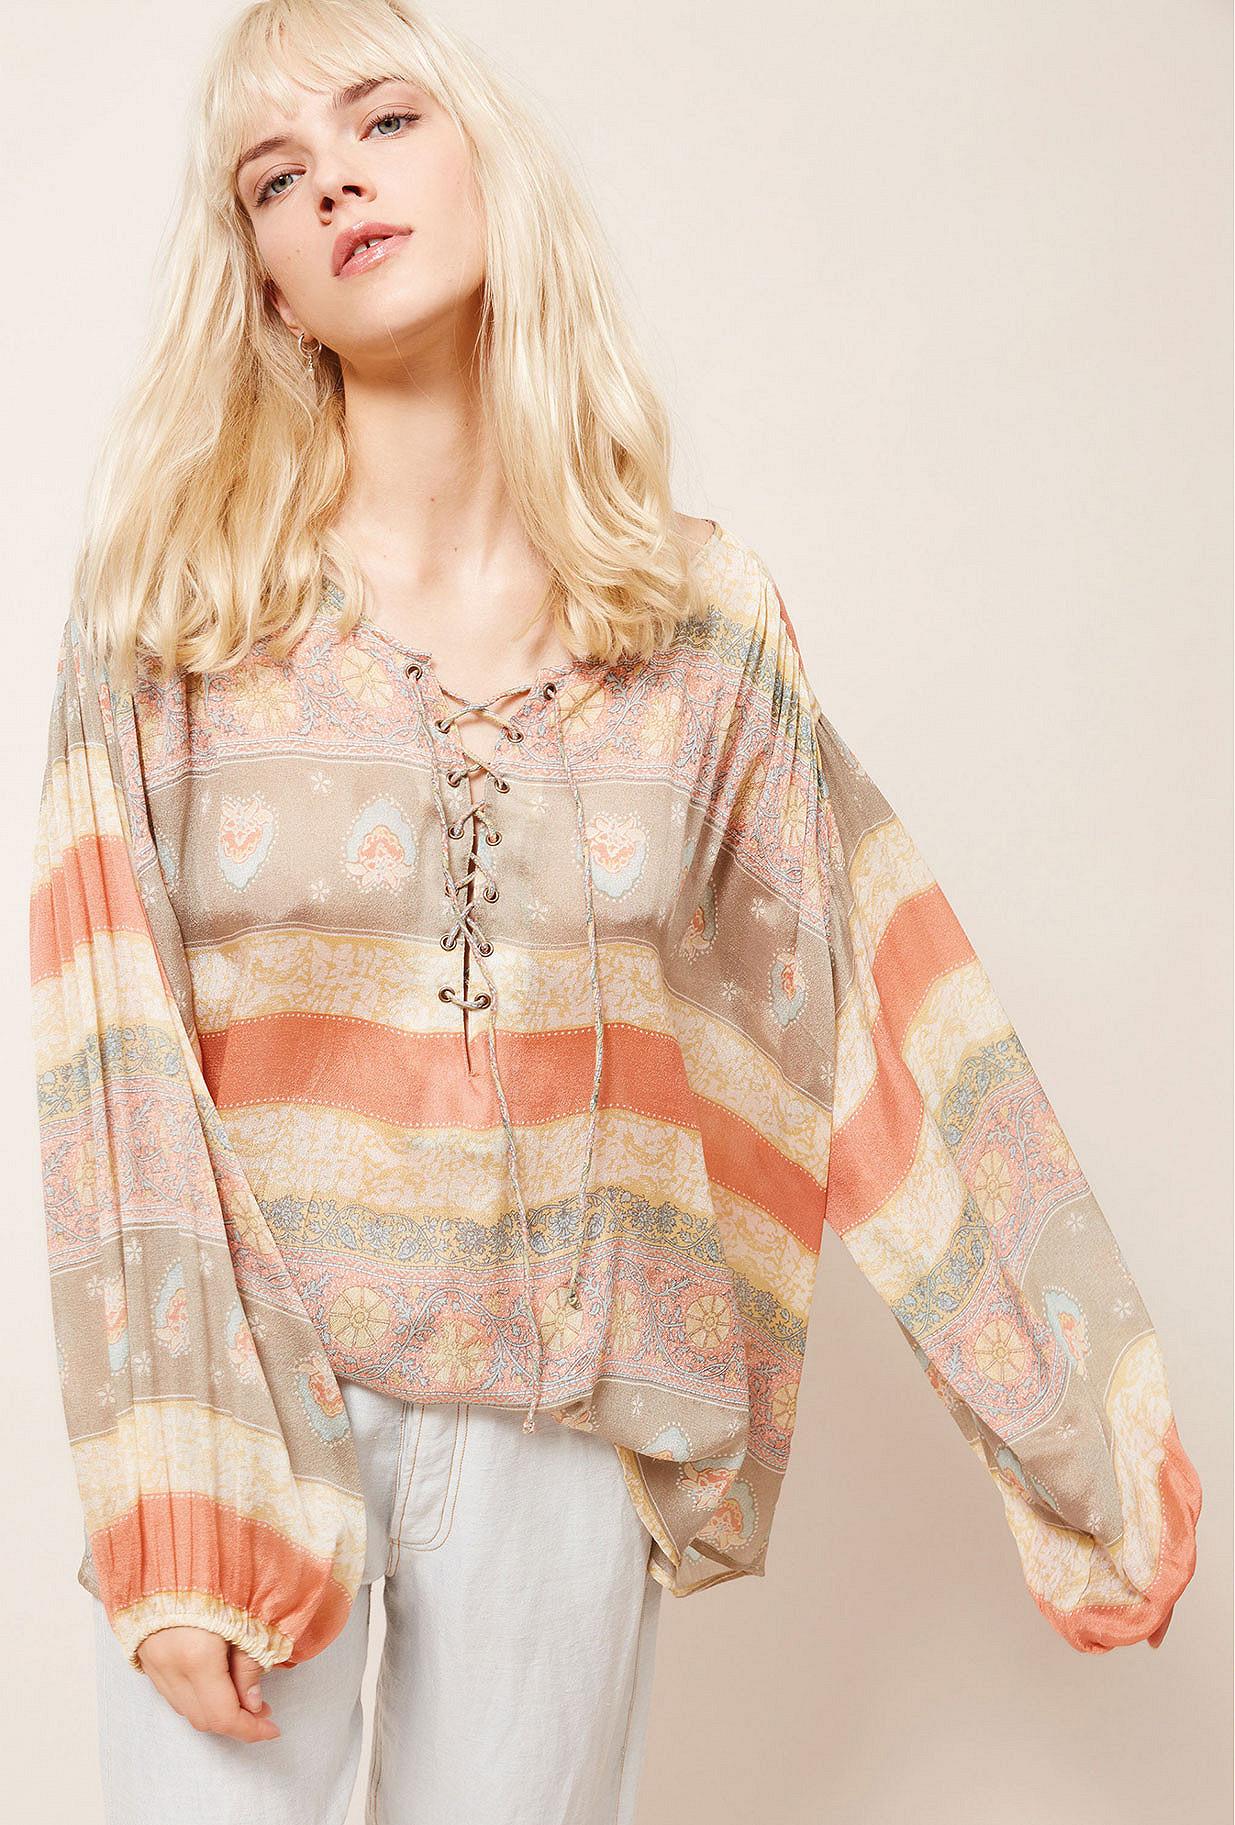 Paris boutique de mode vêtement Blouse créateur bohème Pistache